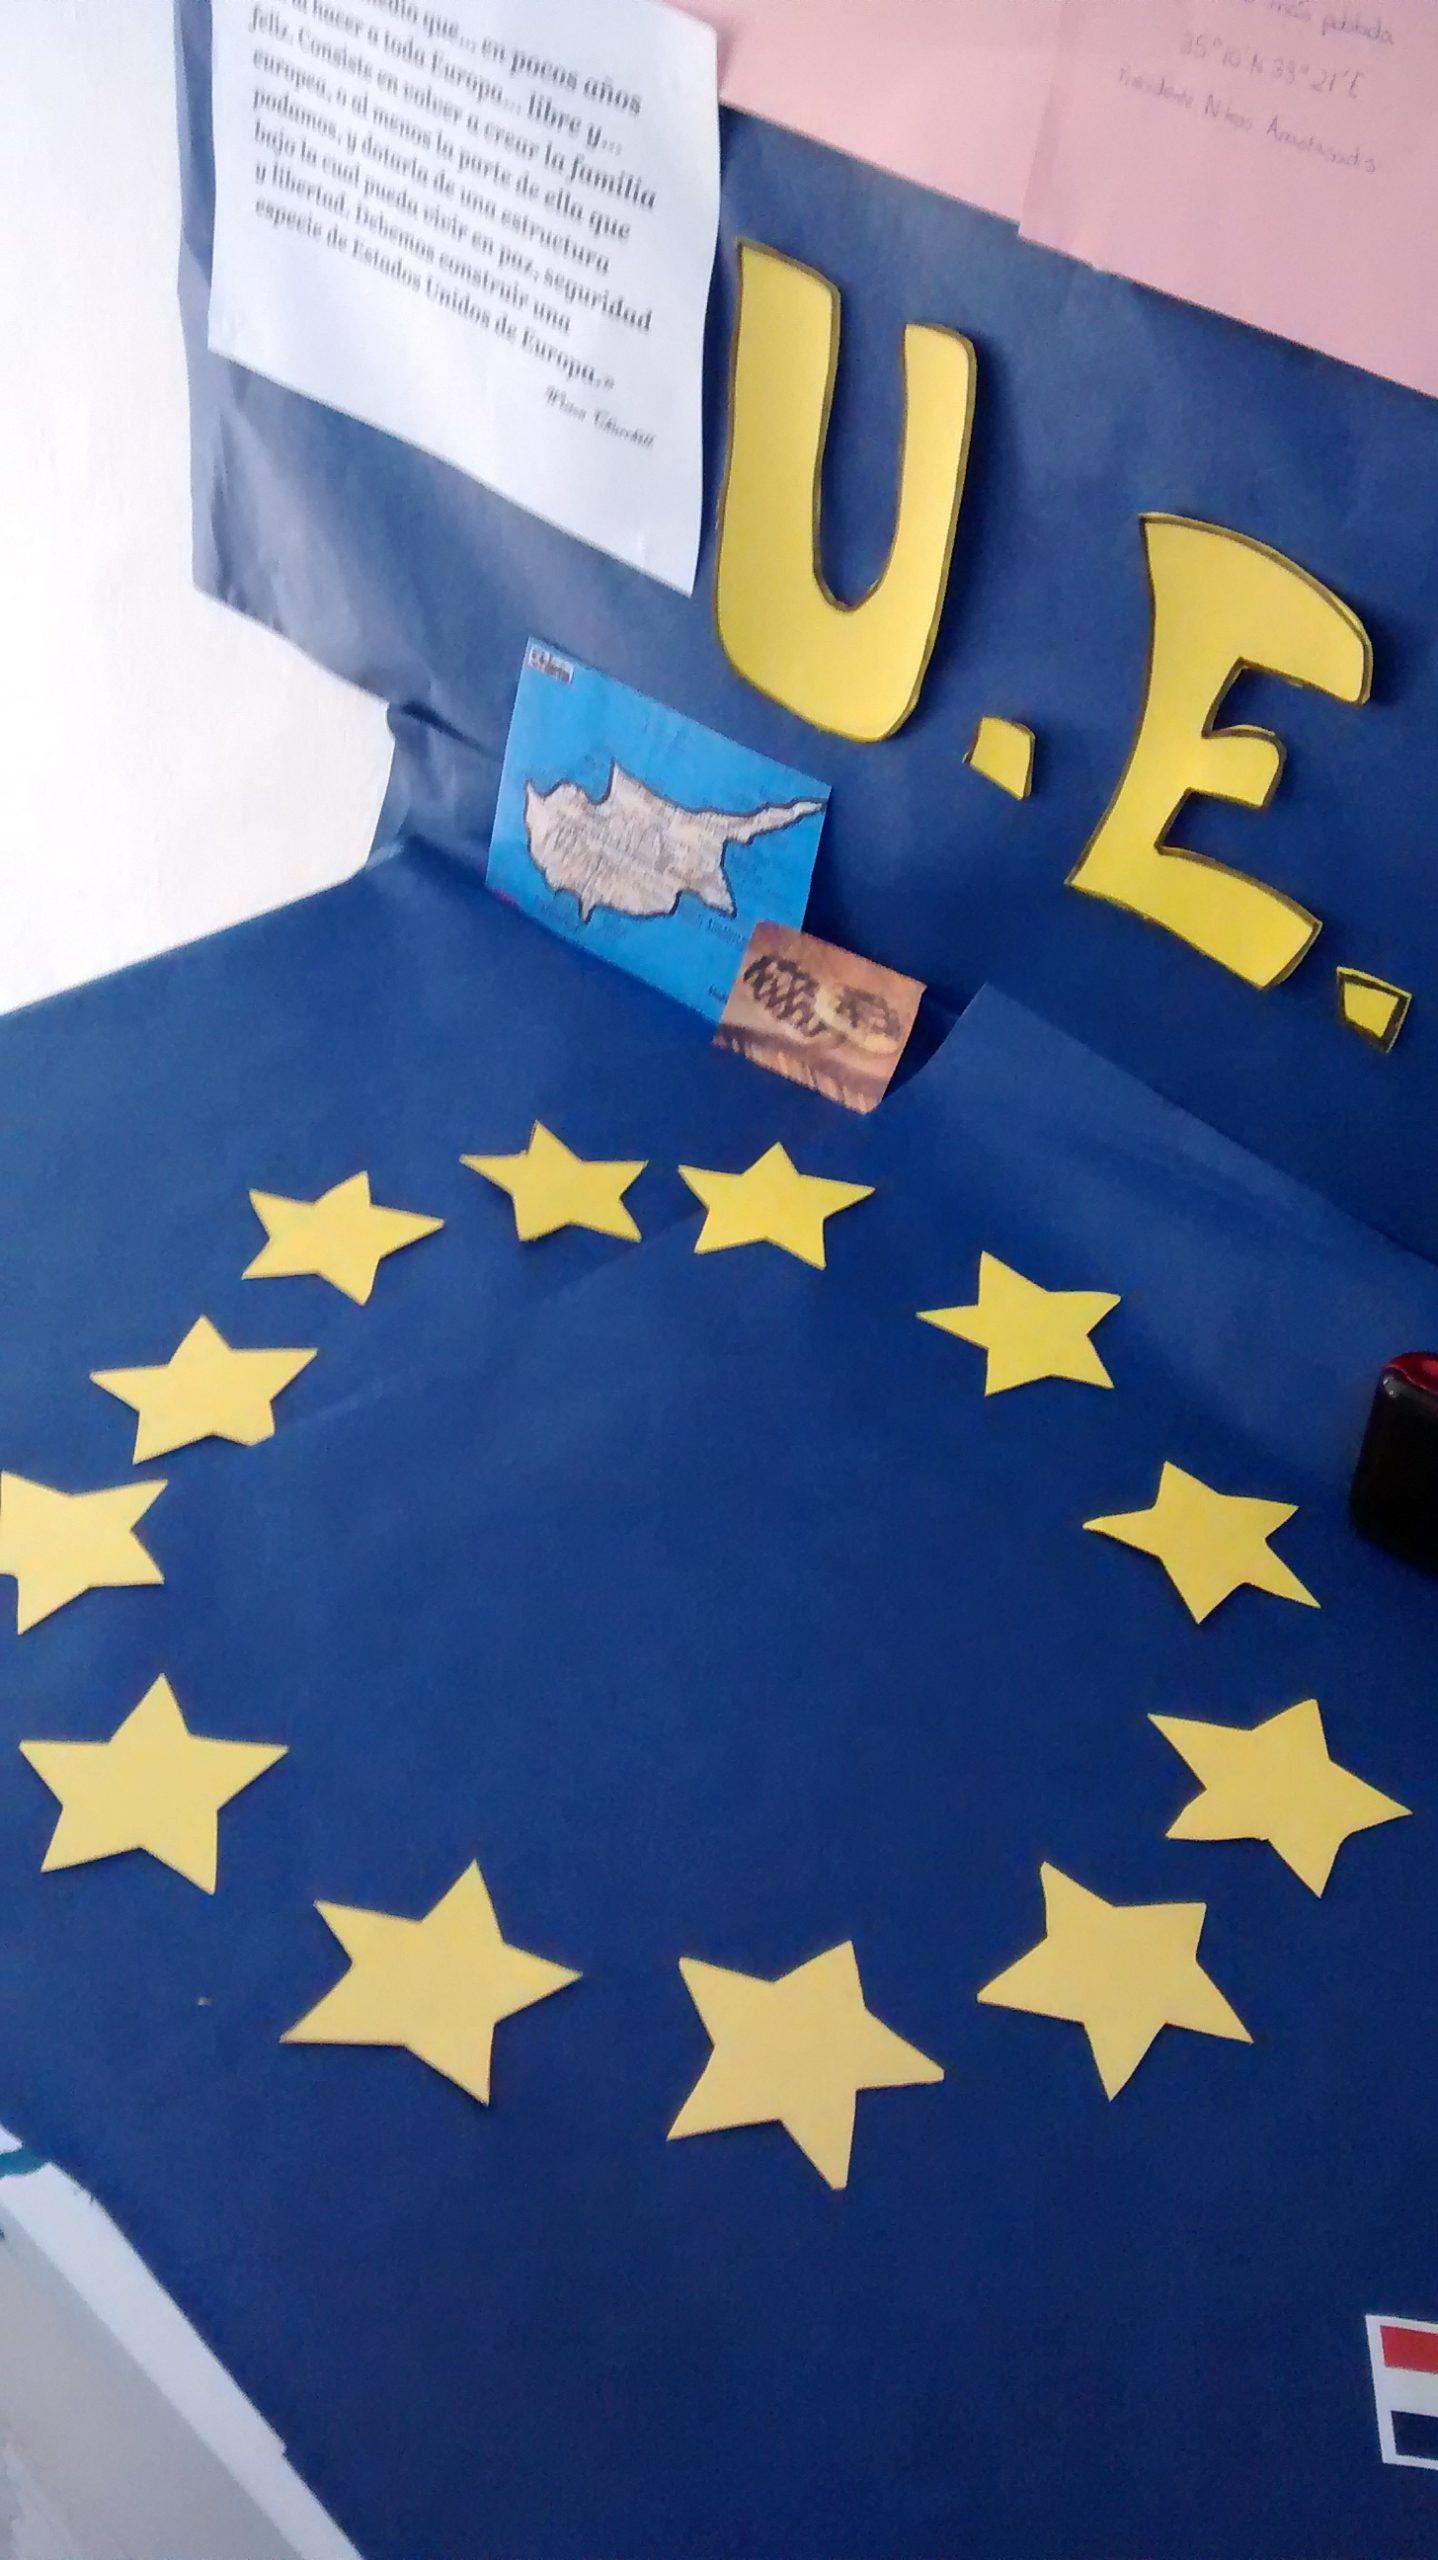 Día De Europa 2015, Colegio Santa Victoria, 12 de mayo.